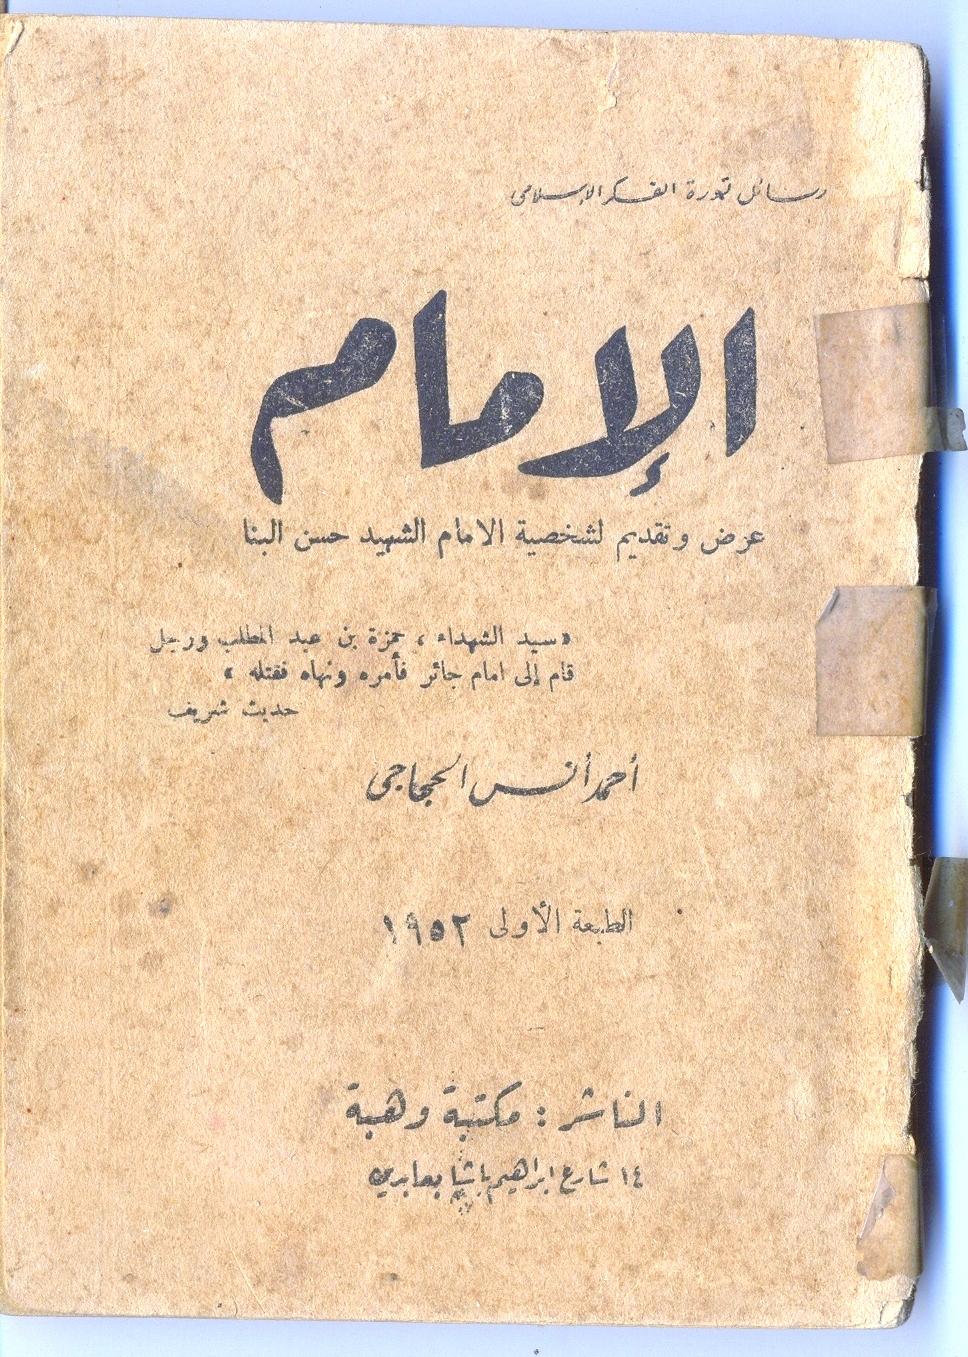 http://img.hassenalbanna.com/pic/s/salonassmon/imam.jpg